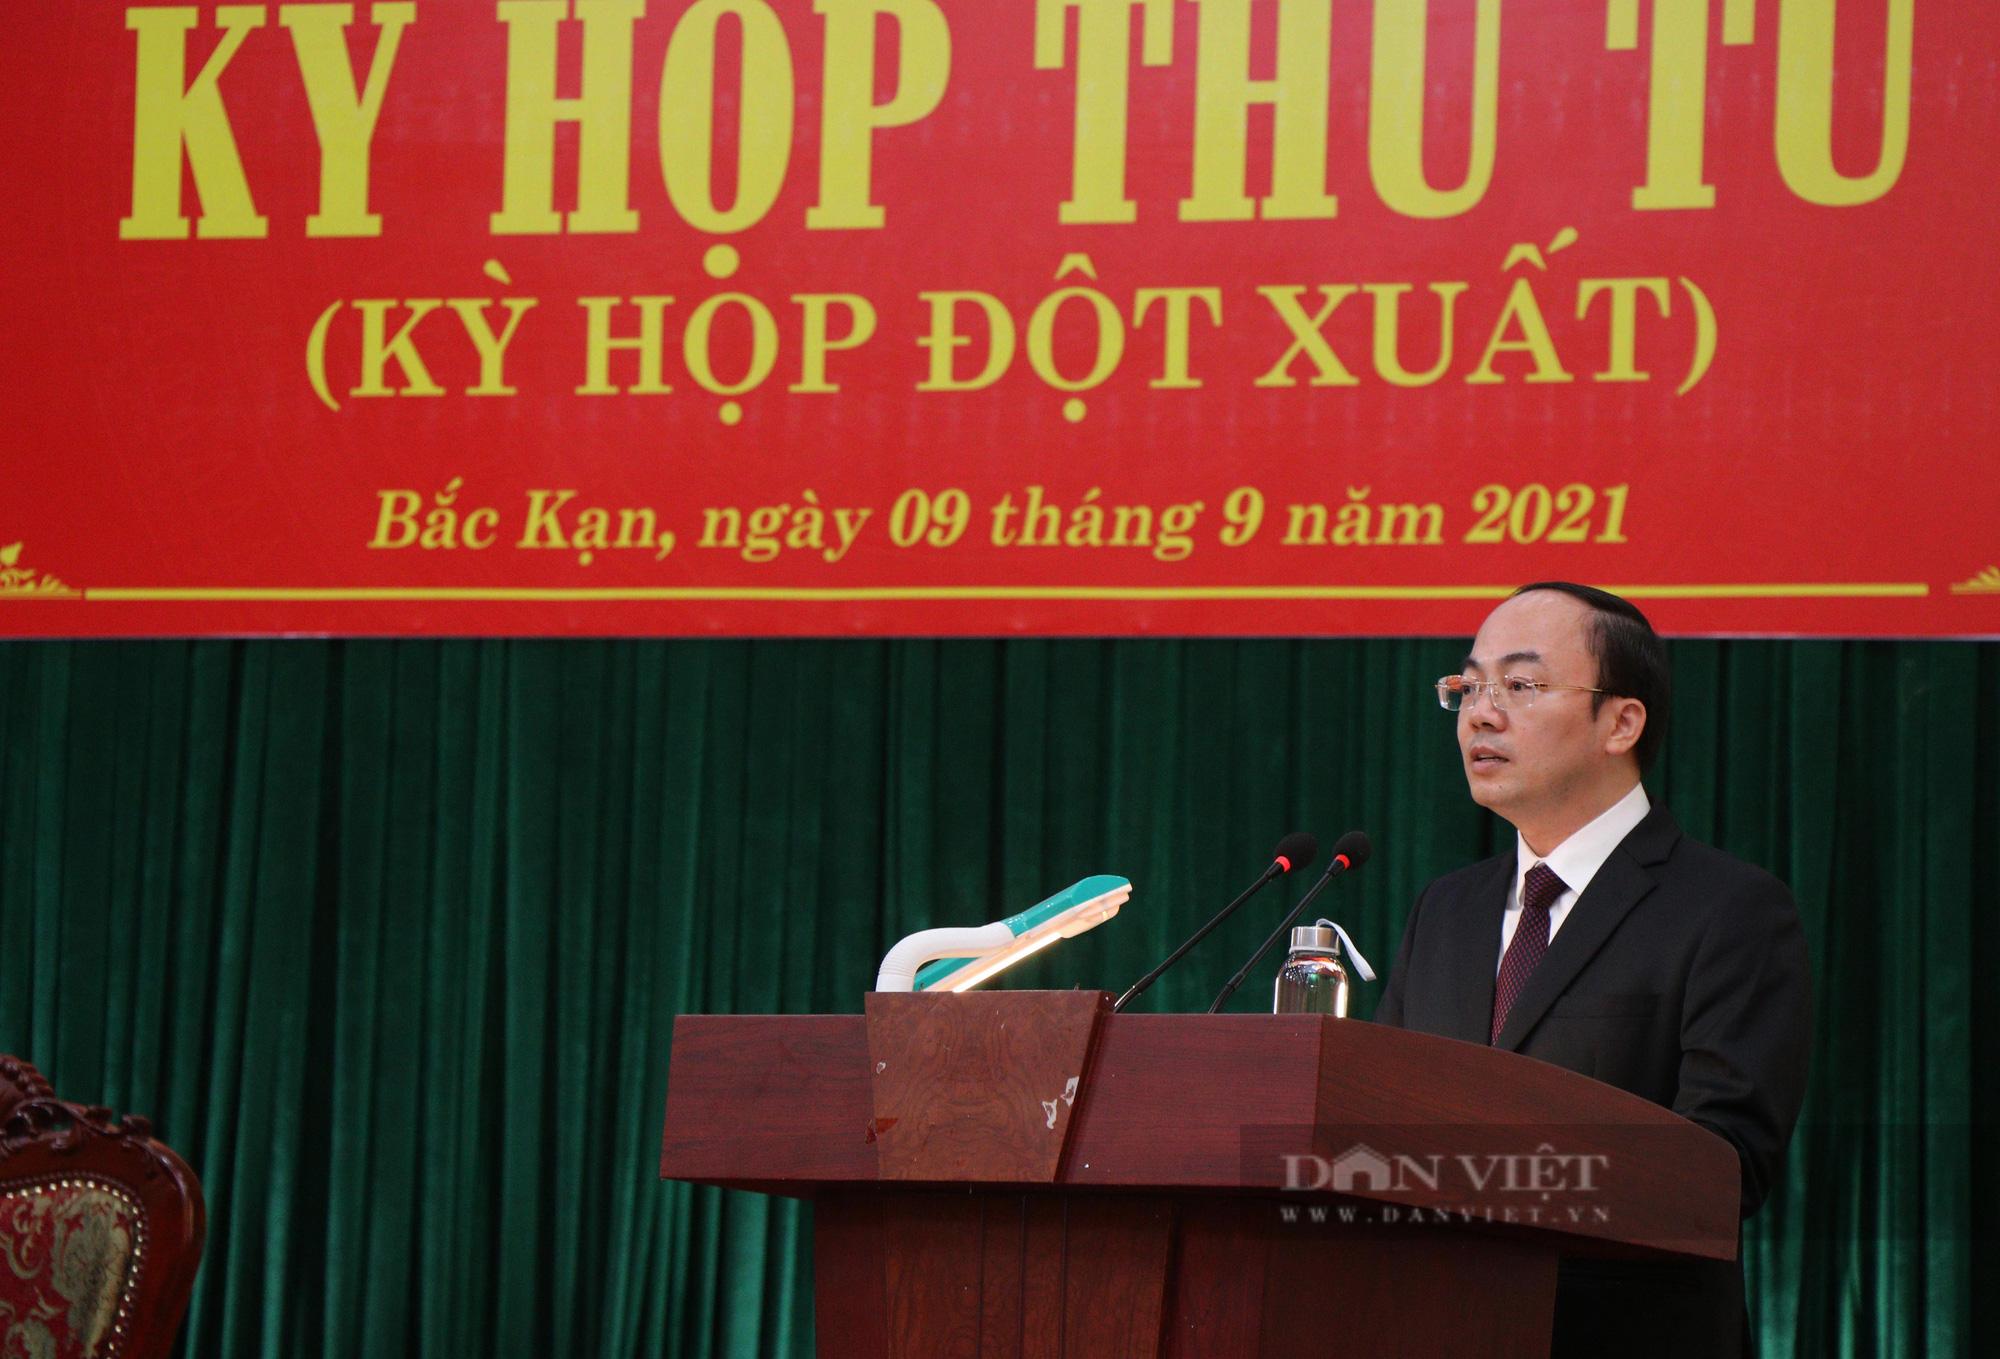 Phê chuẩn Chủ tịch UBND tỉnh trẻ nhất cả nước - Ảnh 1.